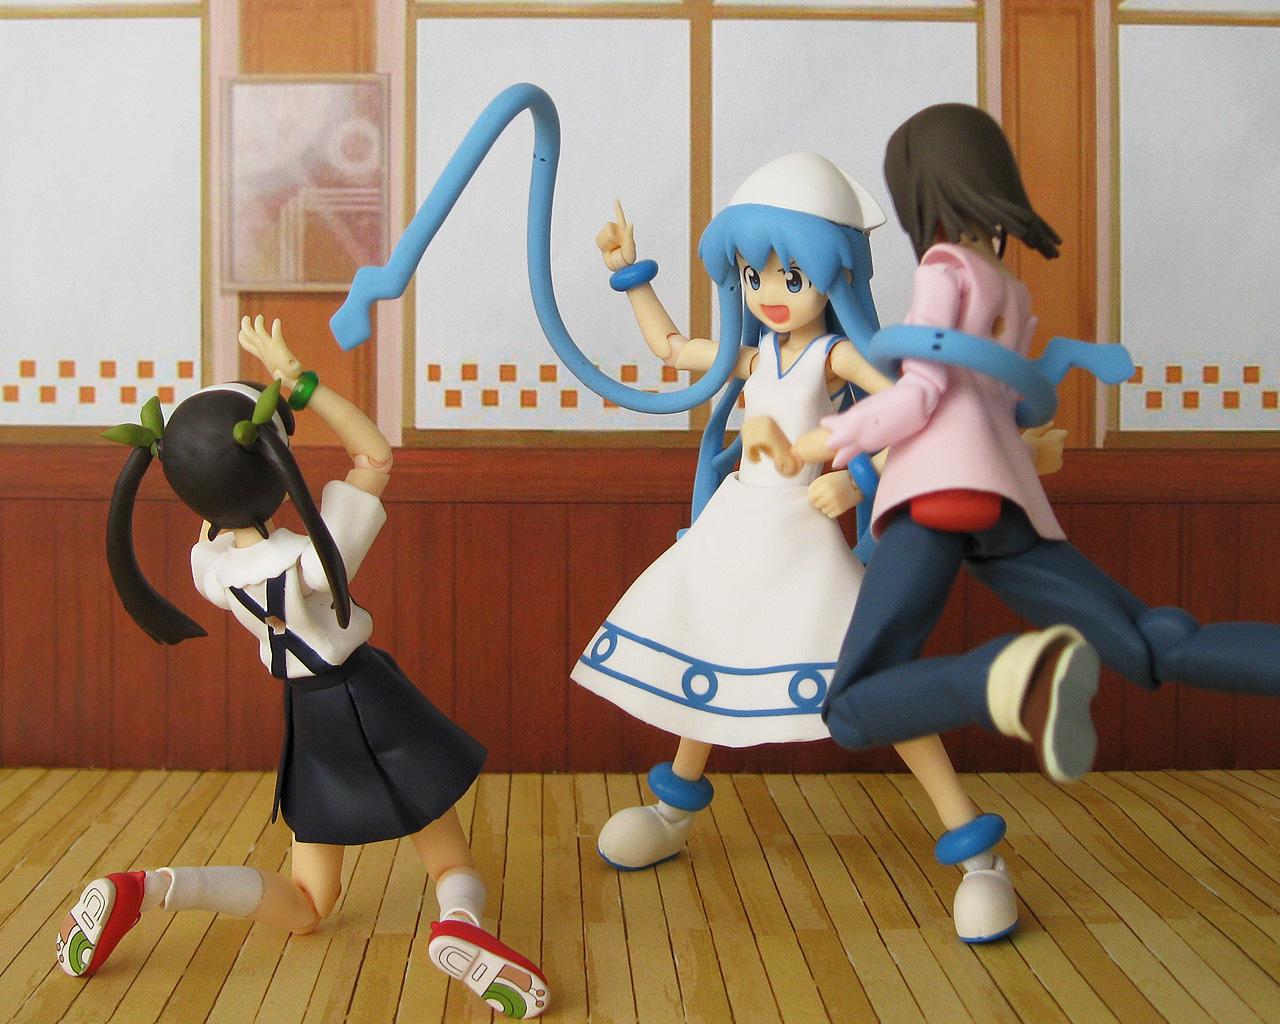 figma max_factory bakemonogatari sengoku_nadeko hachikuji_mayoi asai_(apsy)_masaki shinryaku!_ika_musume ika_musume